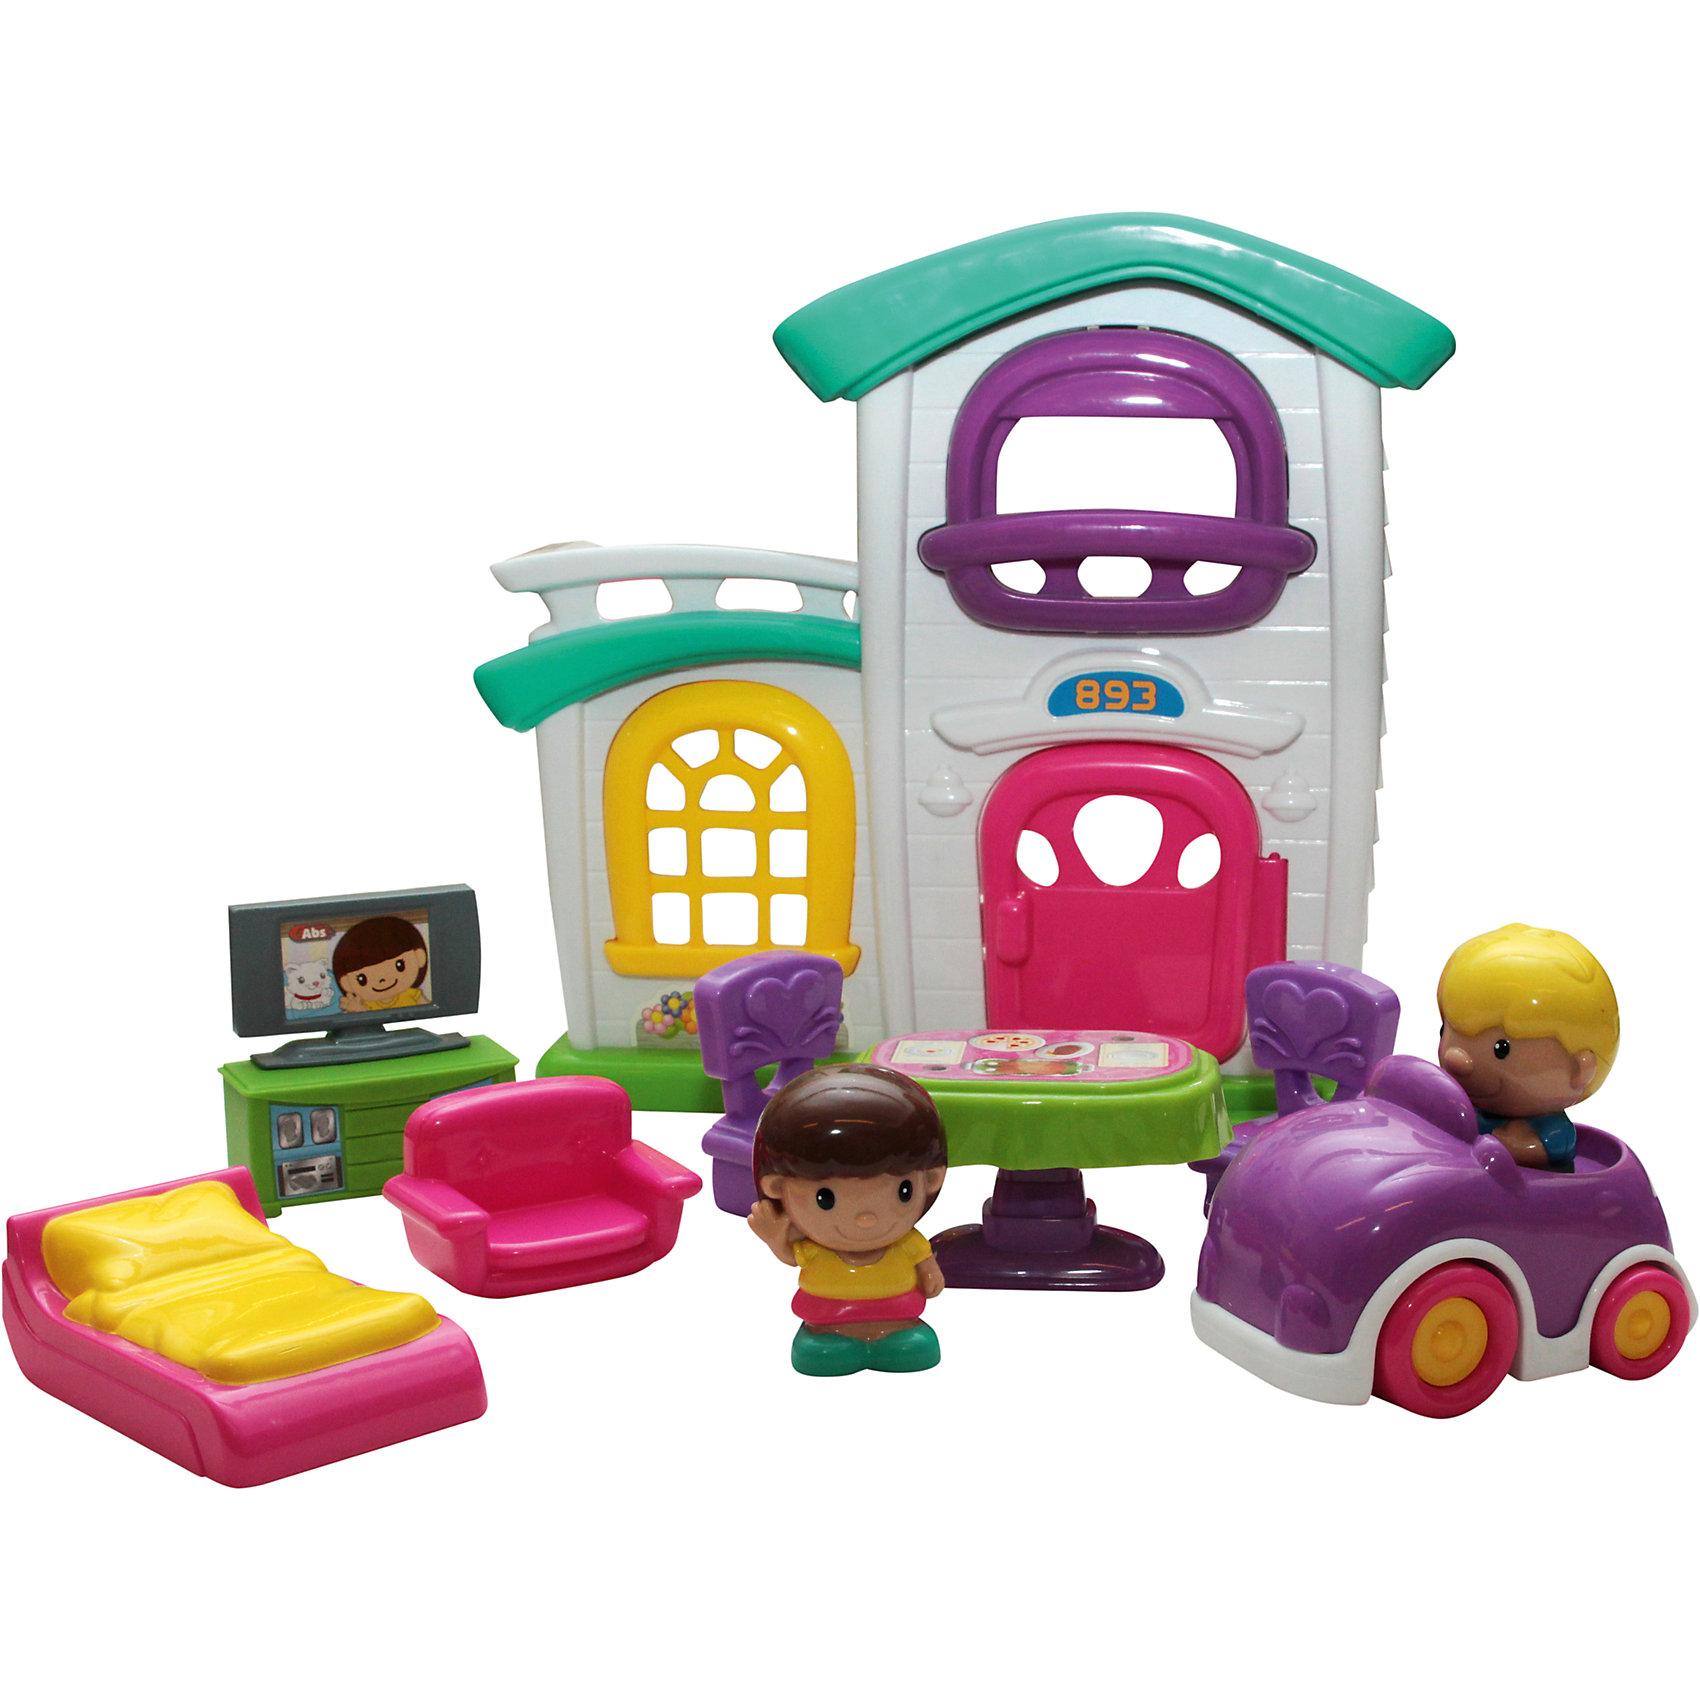 Keenway Игровой набор Кукольный дом, Keenway ибсен г вернувшиеся столпы общества кукольный дом привидения пьесы